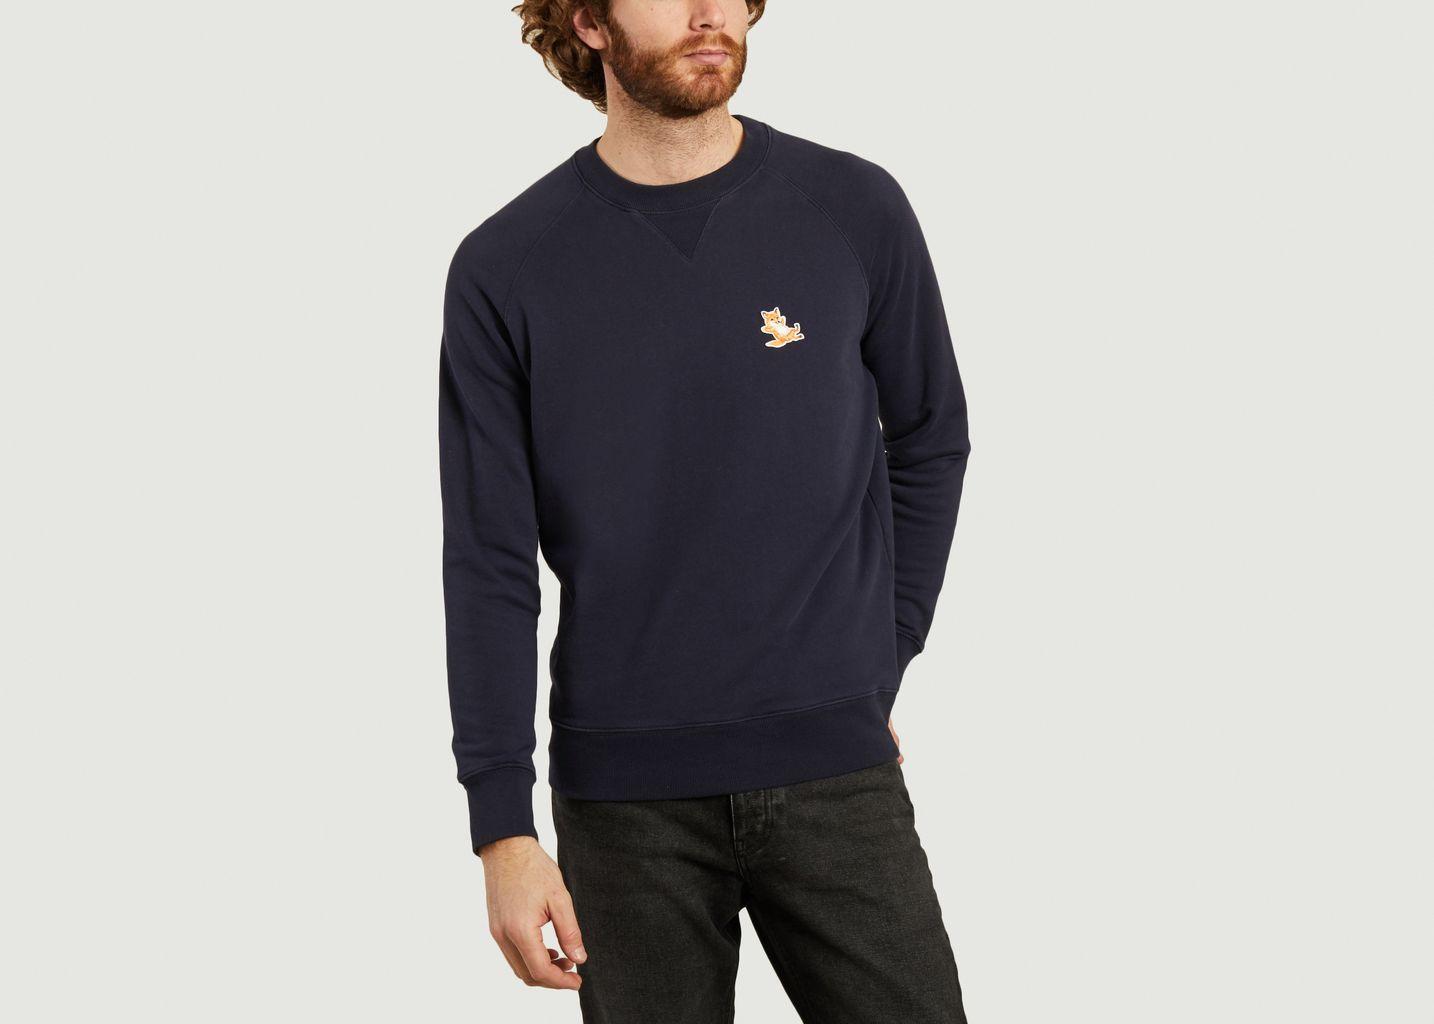 Sweatshirt classique Chillax Fox Head Patch - Maison Kitsuné